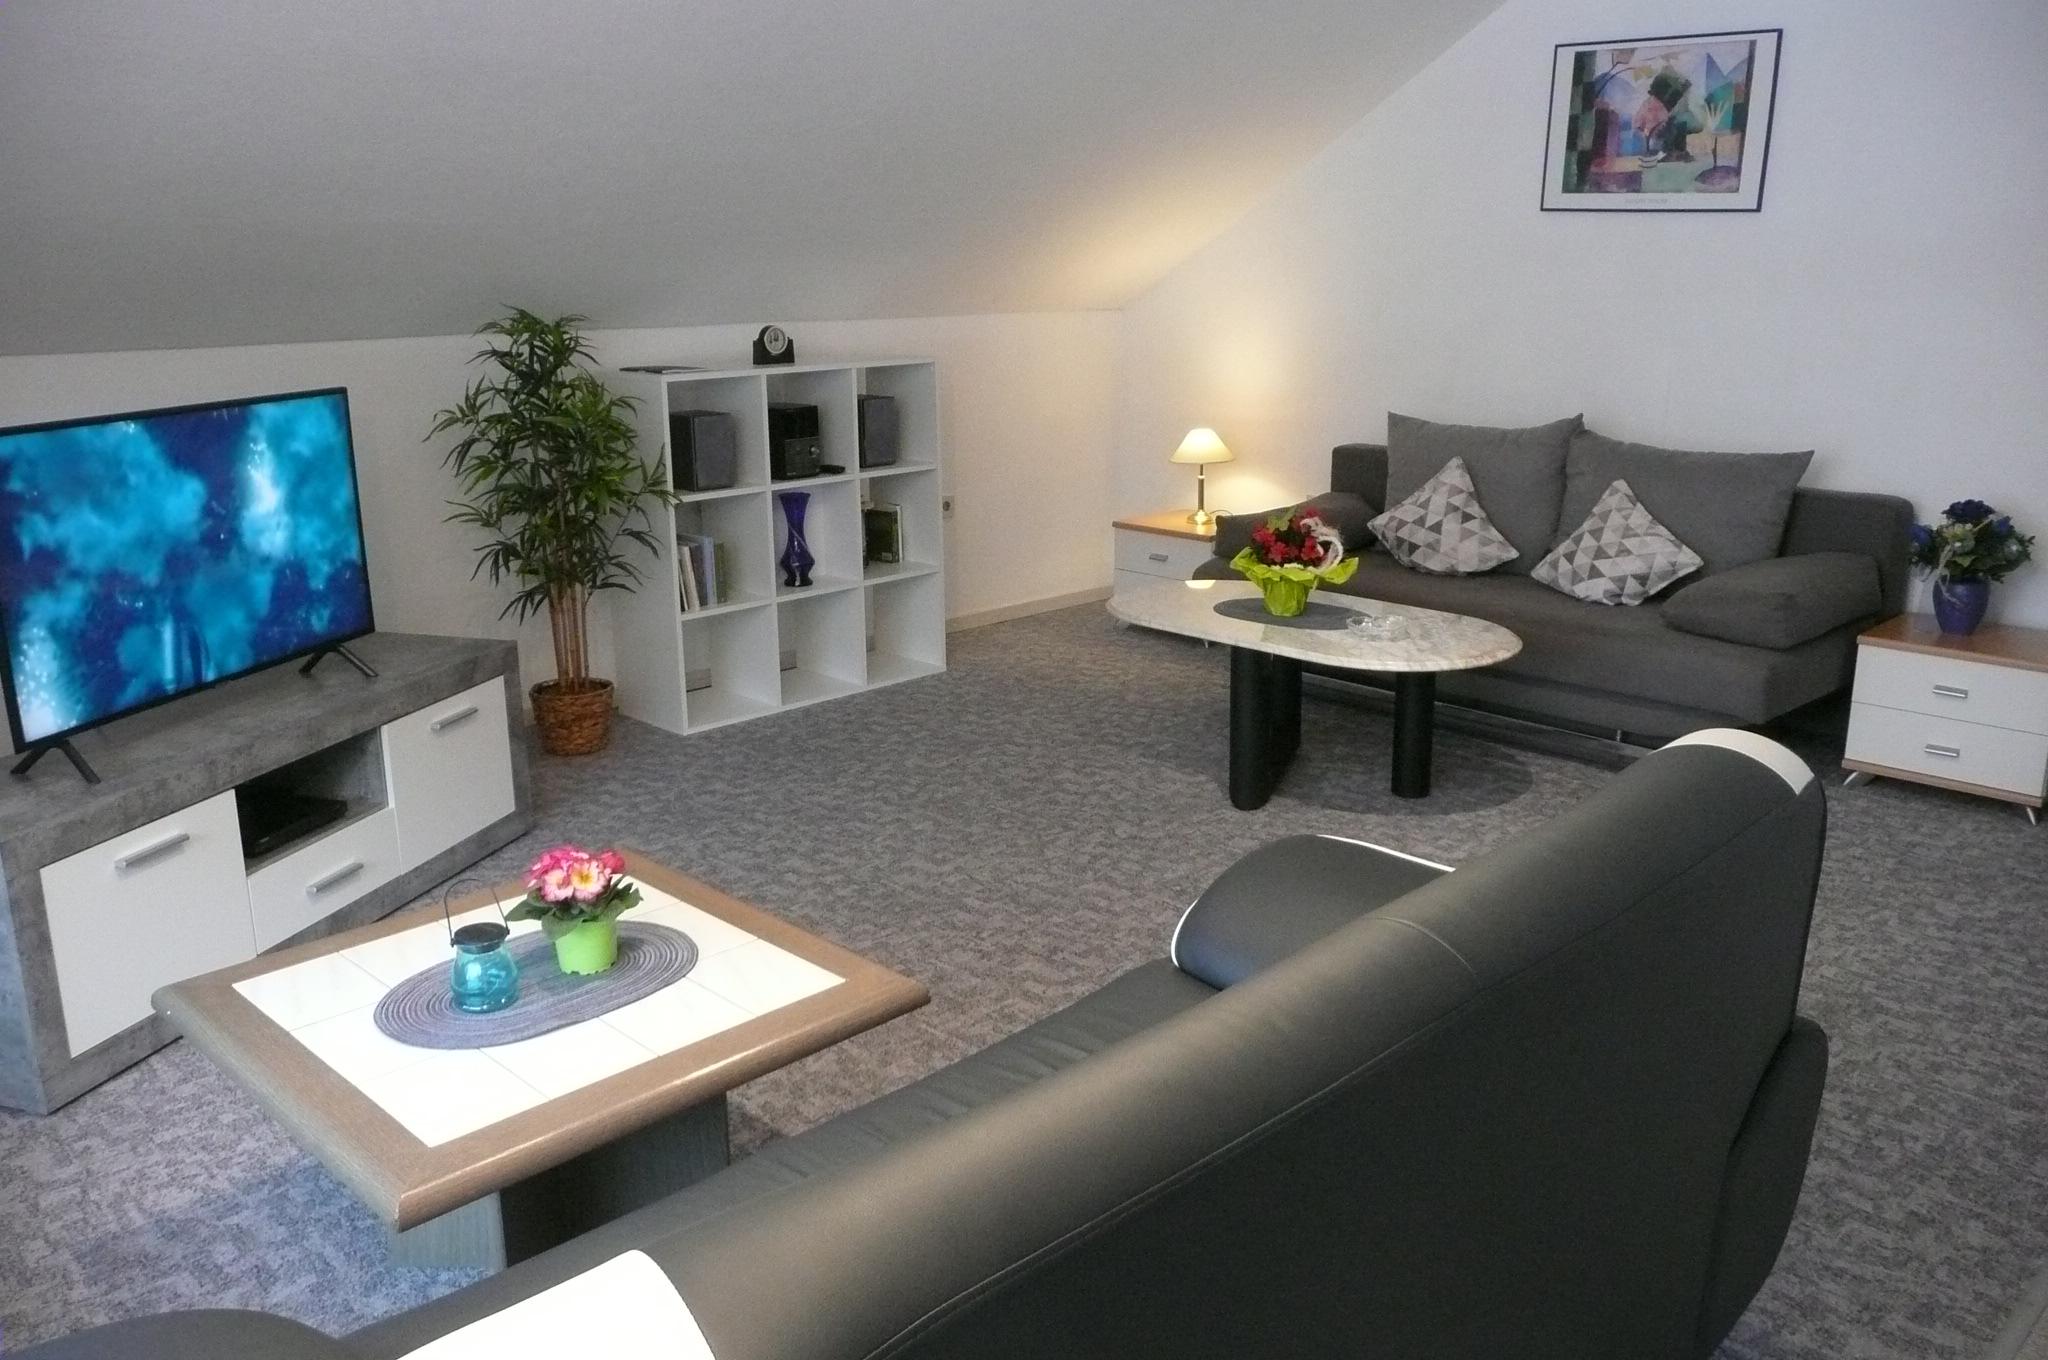 Wohnzimmer mit Dachschräge, Fernseher und zwei grauen Sofas